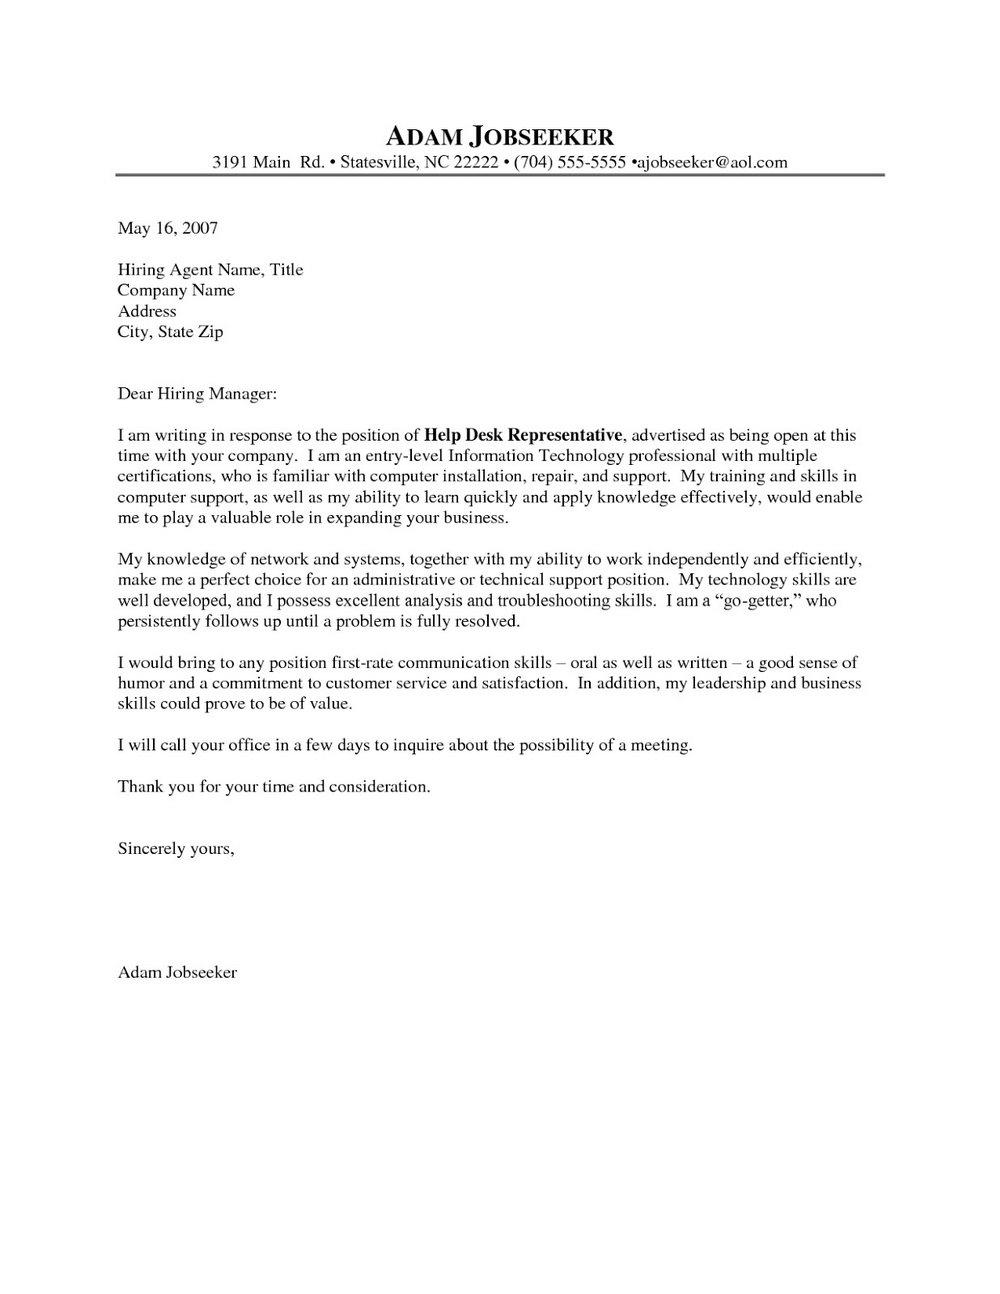 Sample Cover Letter Help Desk Manager